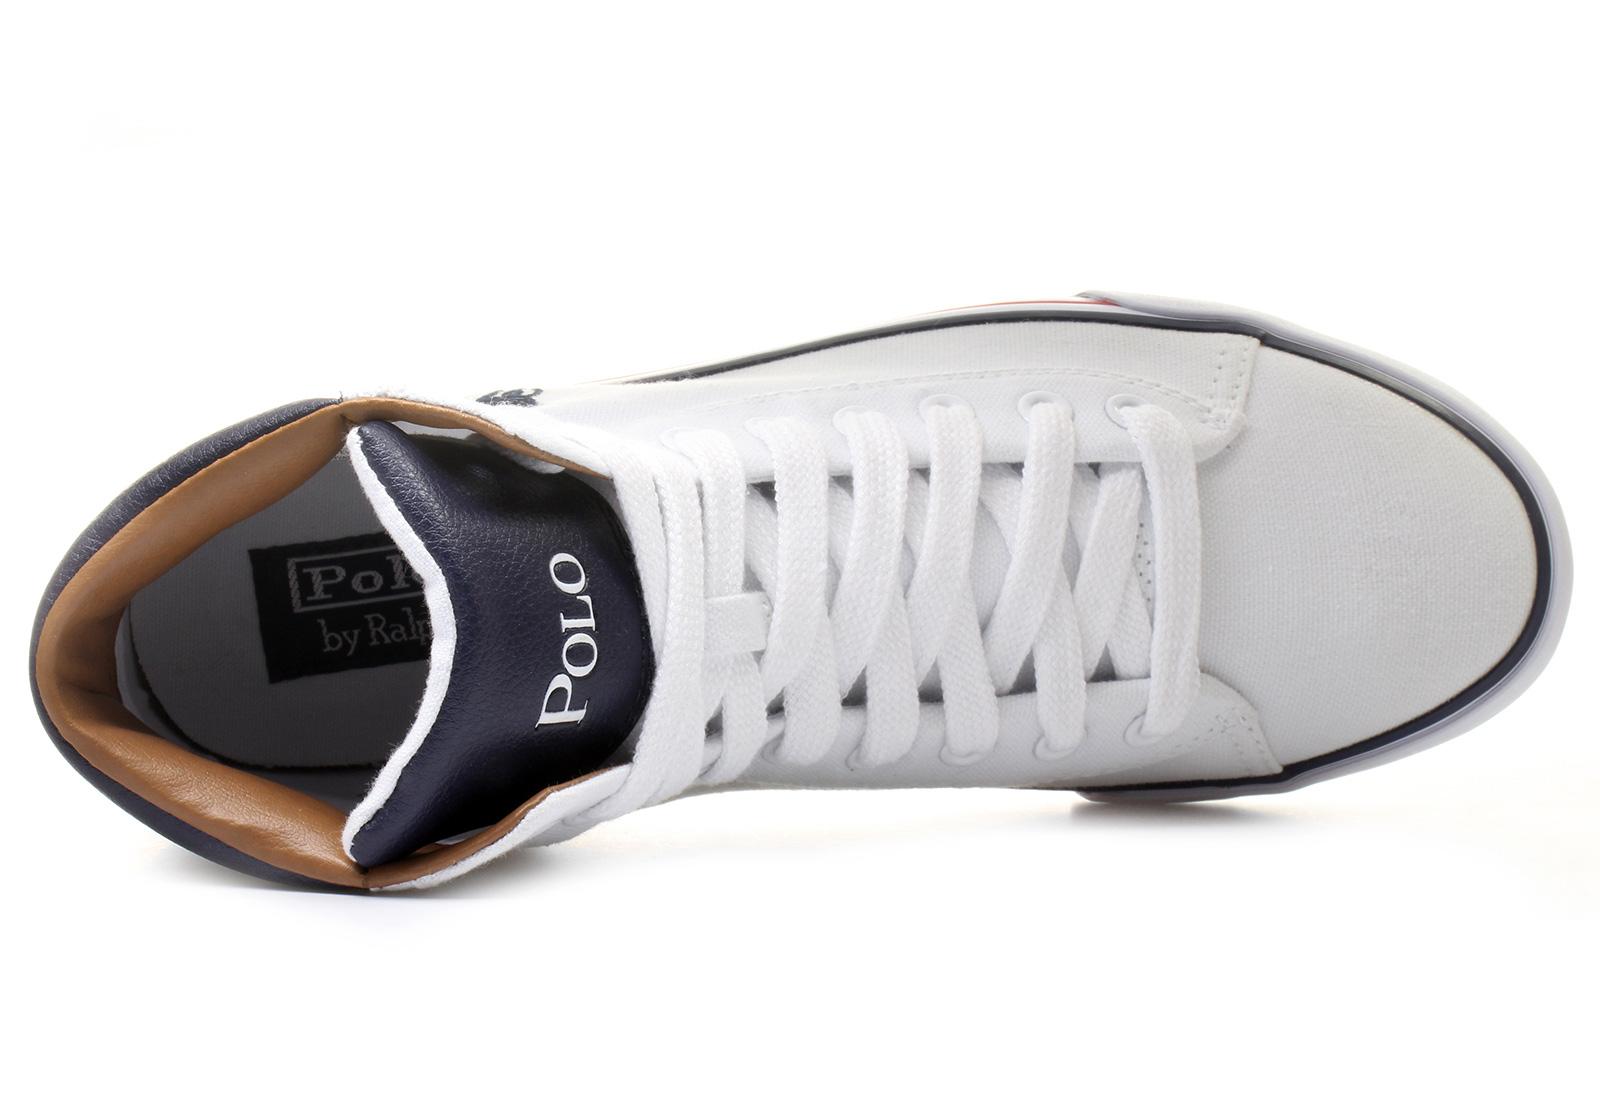 Polo Ralph Lauren Tenisky - Harvey Mid - 295-c-w1433 - Tenisky ... df81ca91b71